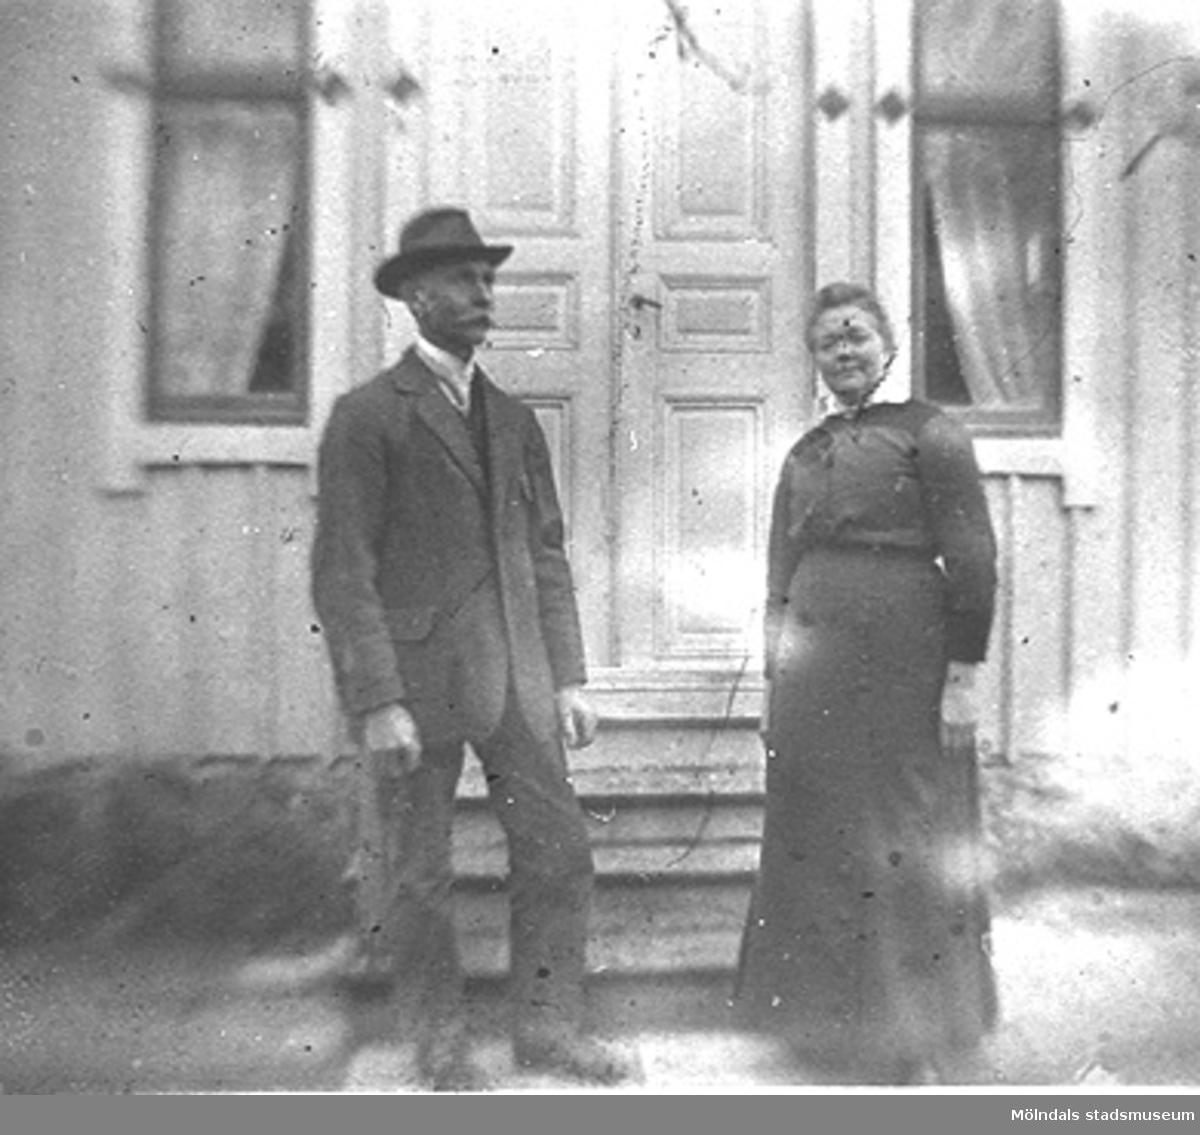 Victor Hasselberg (1864 - 1945) och hustrun Clara (1863 - 1942) utanför sitt hem Fridhem i Gastorp, okänt årtal. Victor var möbelsnickare i Lindome från 1890-talet och framåt. I unga år tog han anställning vid Kungliga Svea Livgarde i Stockholm. I Lindome deltog han i det kommunala arbetet, bl.a som ledamot i kommunalfullmäktige. Paret är Anna och Karin Hasselbergs föräldrar.